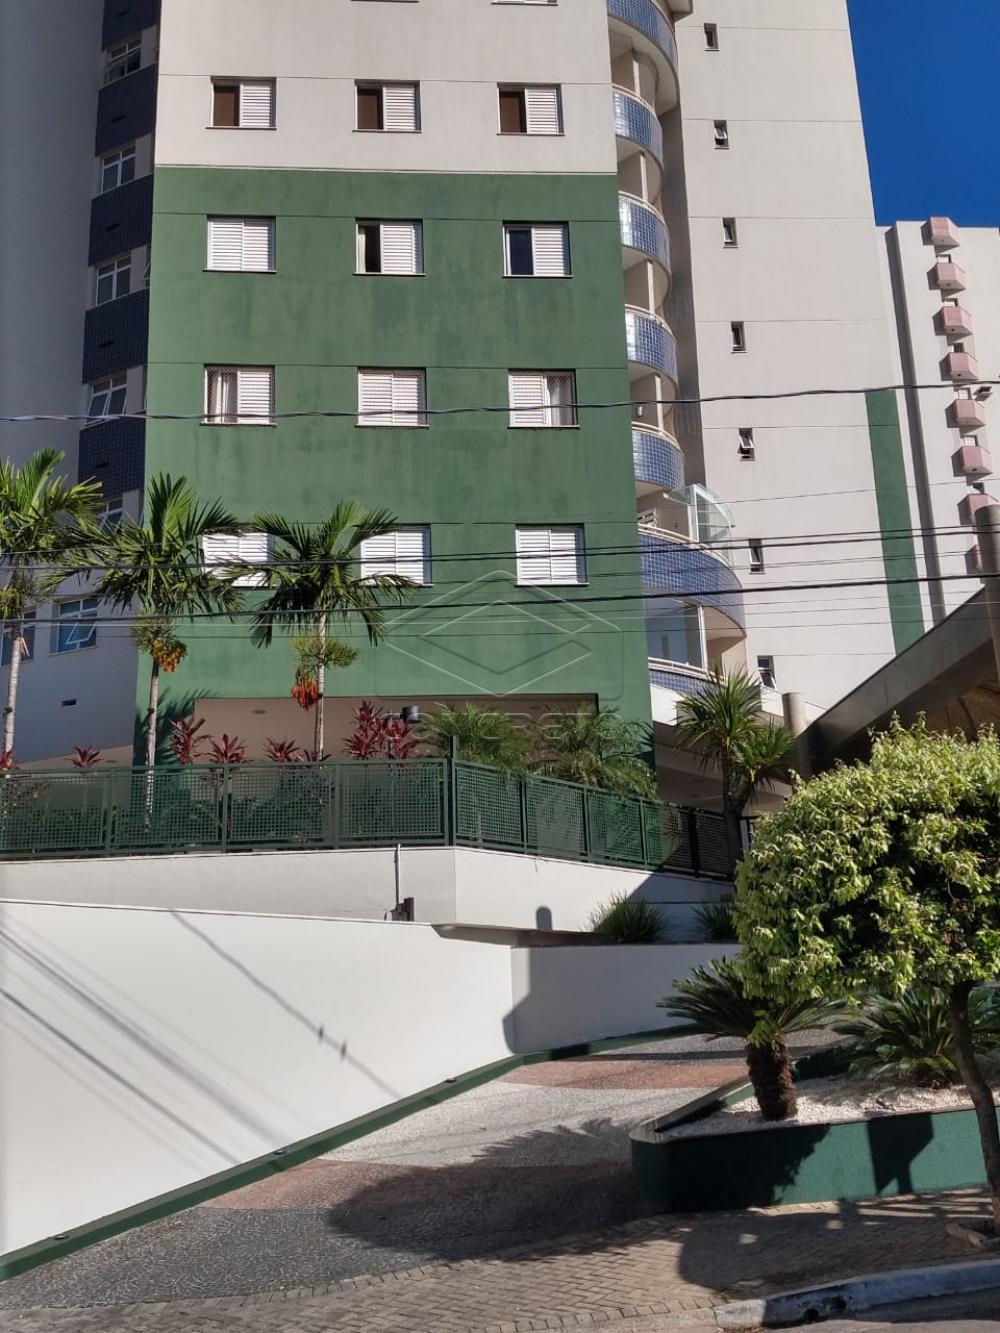 Comprar Apartamento / Padrão em Bauru R$ 340.000,00 - Foto 2